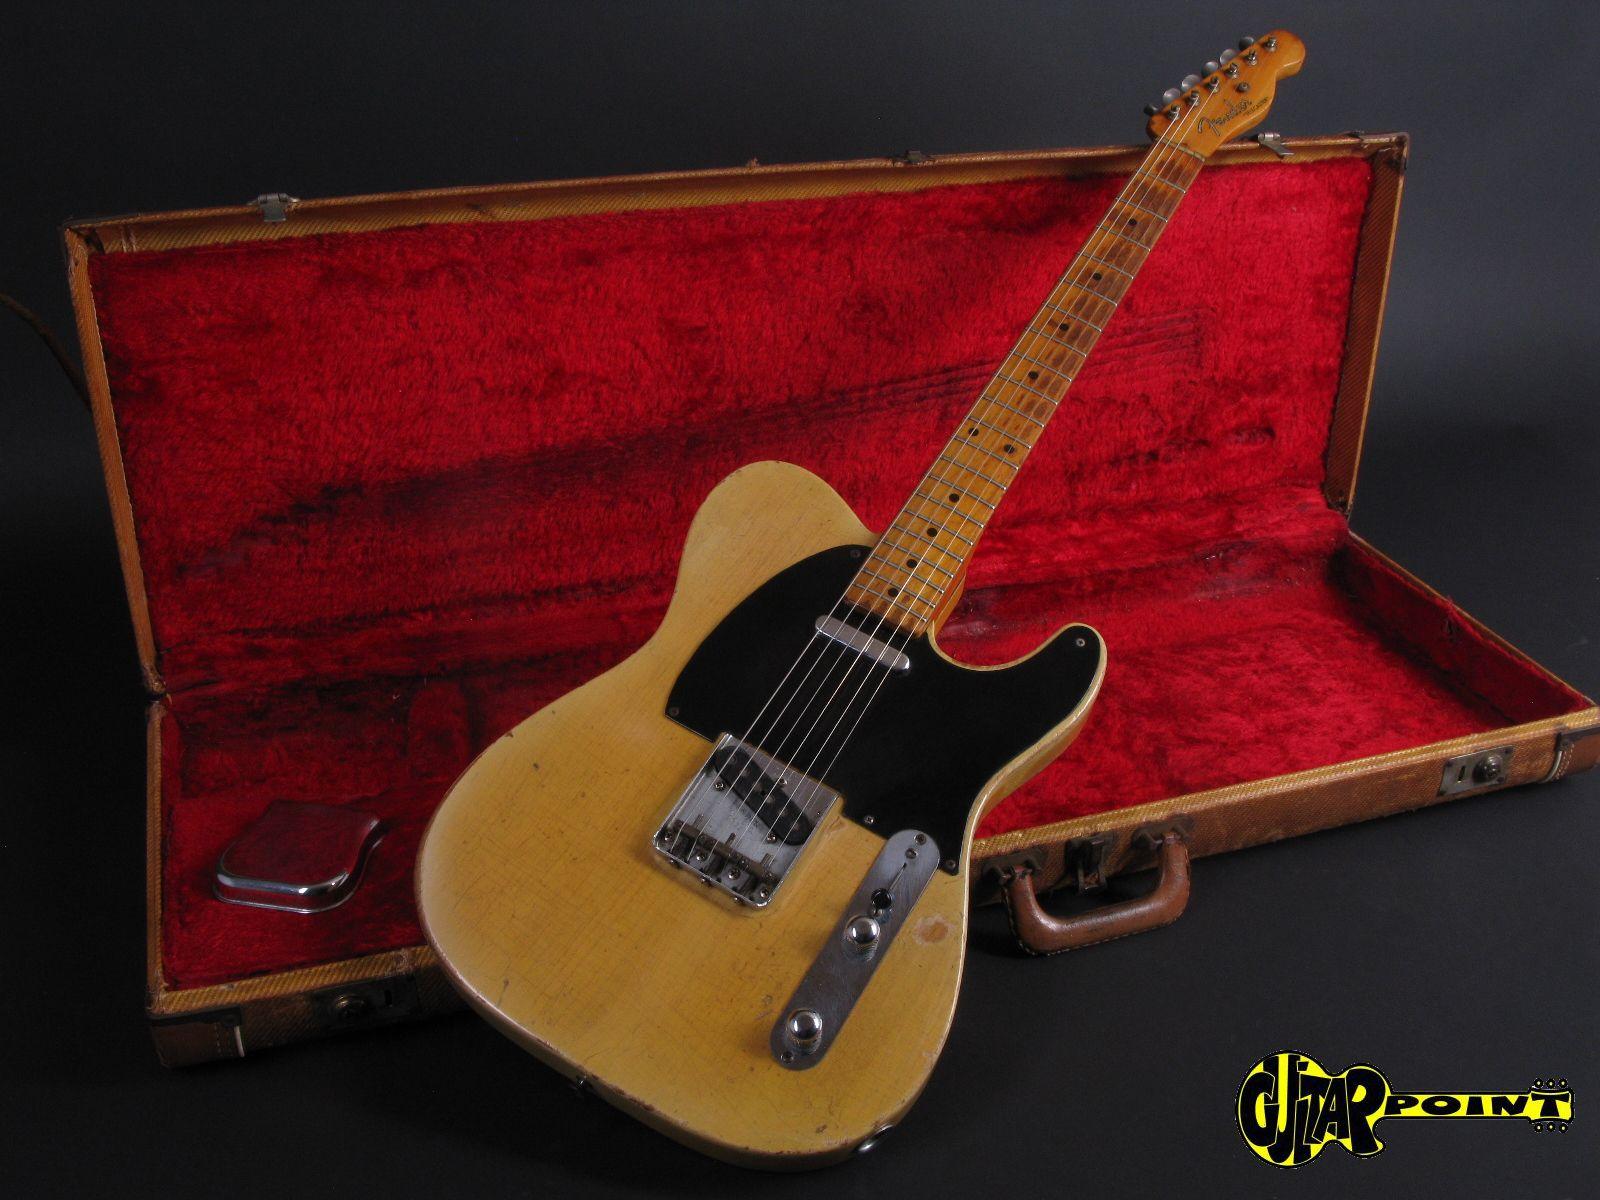 fender telecaster 1954 blond guitar for sale guitarpoint. Black Bedroom Furniture Sets. Home Design Ideas